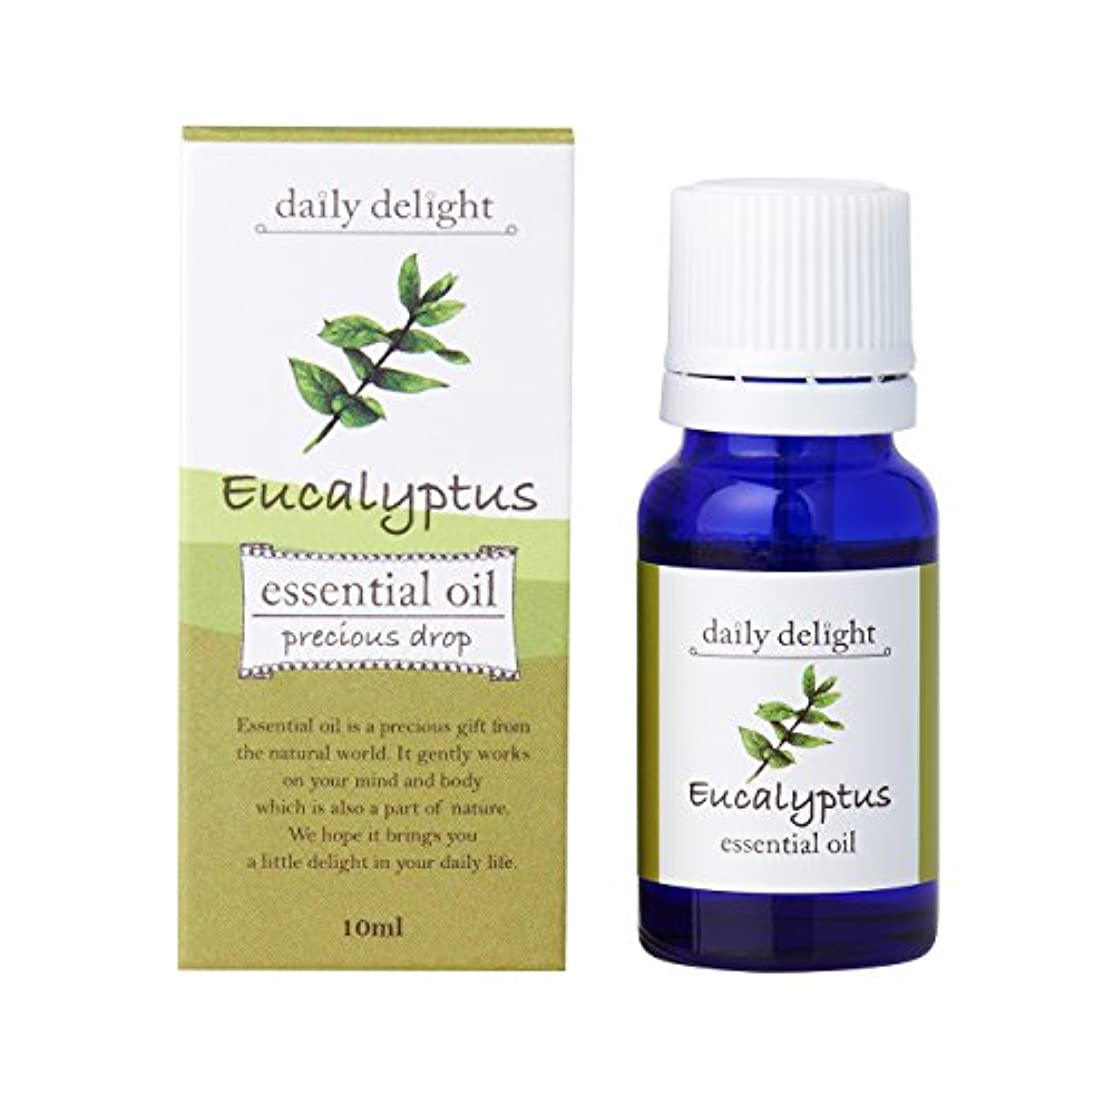 賠償乳剤義務デイリーディライト エッセンシャルオイル  ユーカリプタス 10ml(天然100% 精油 アロマ 樹木系 シャープですっきりした香り)